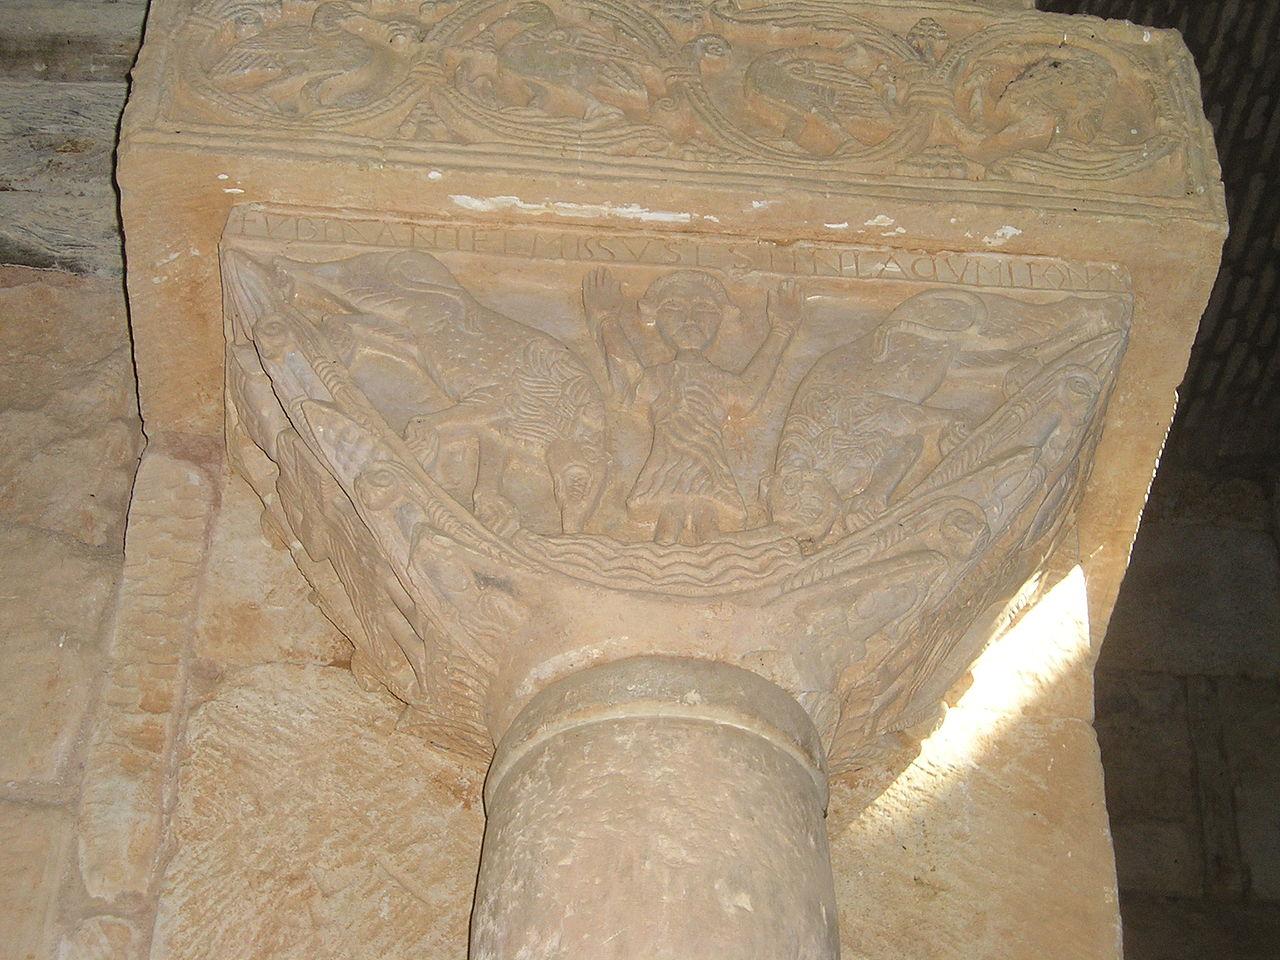 Daniel en el foso de los leones en otro de los capiteles de San Pedro de la Nave